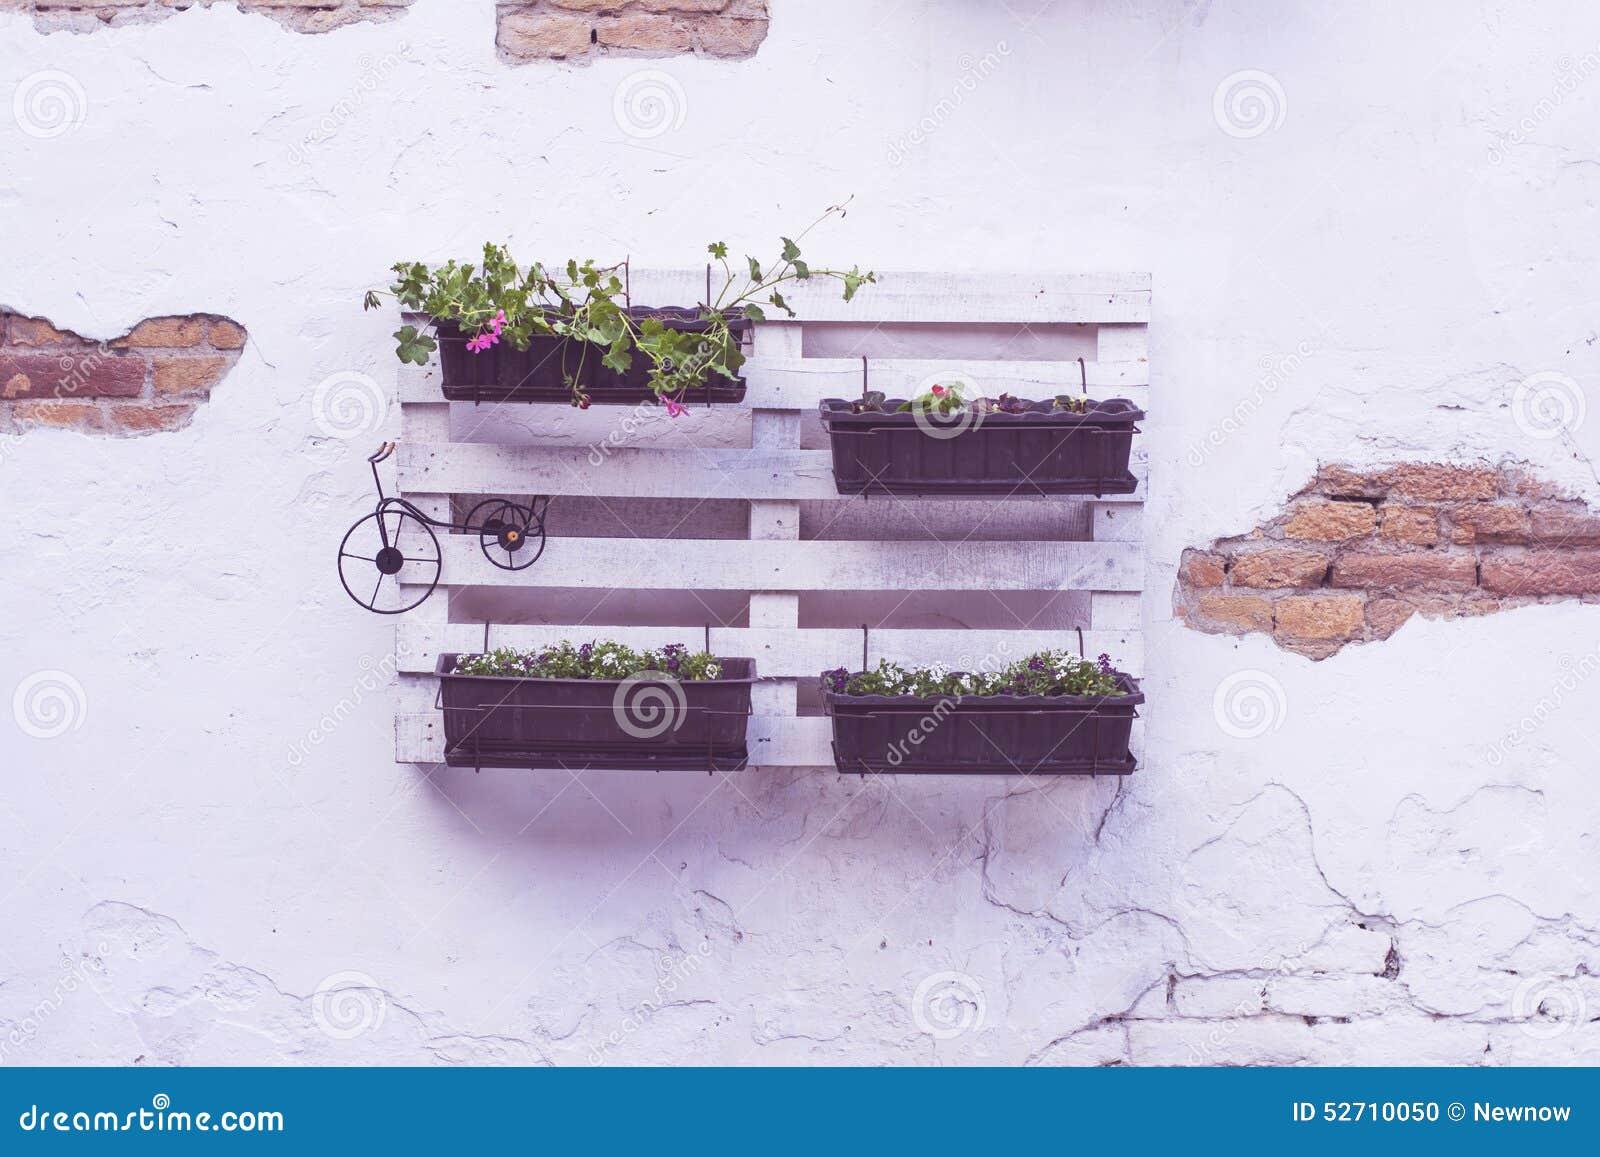 id es de palette pour des pots de fleurs photo stock. Black Bedroom Furniture Sets. Home Design Ideas